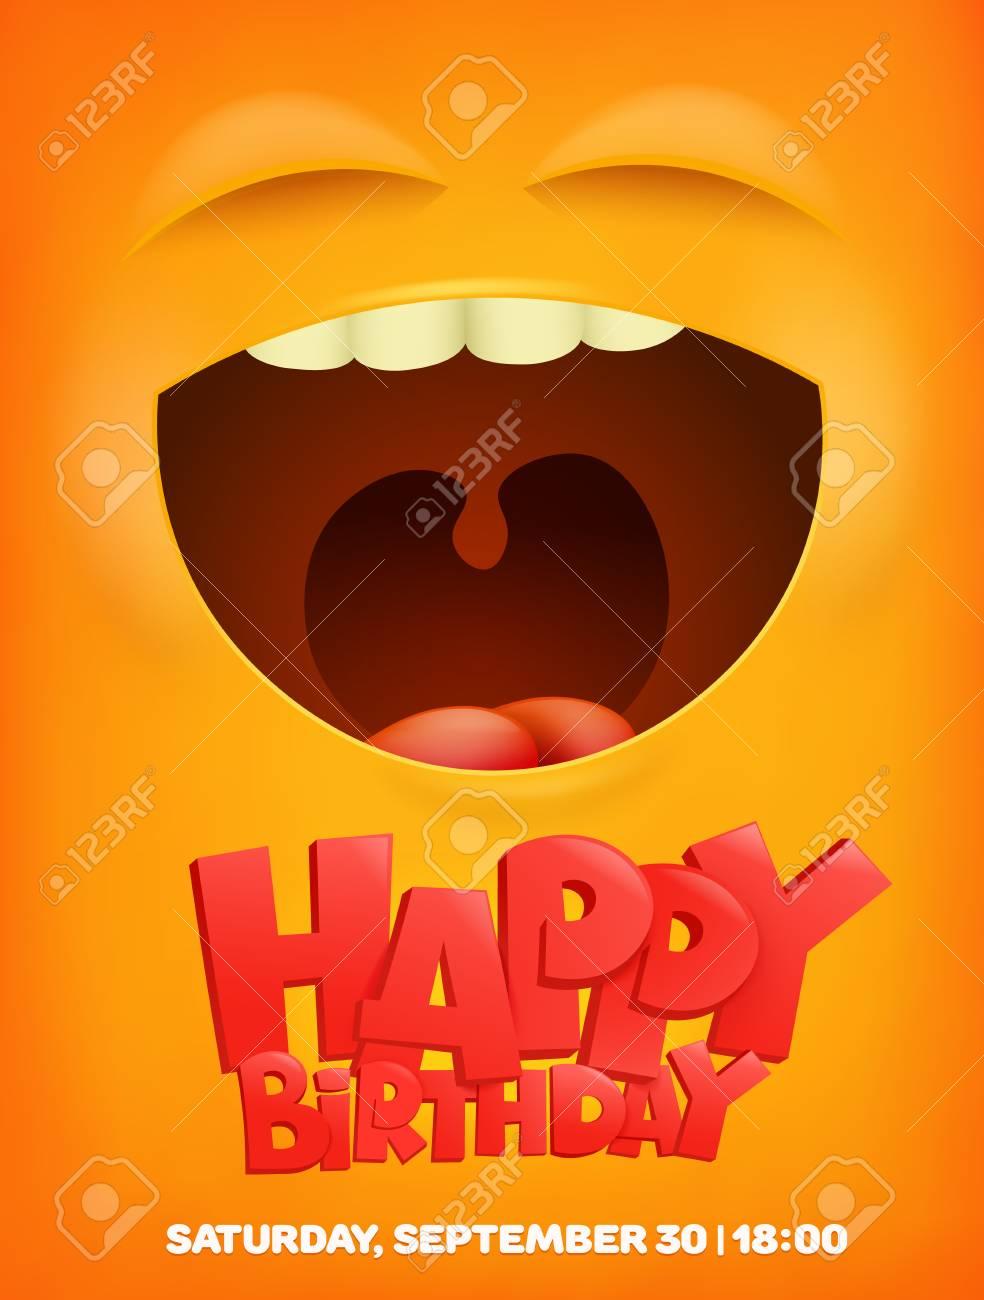 Alles Gute Zum Geburtstag Grusskarte Mit Emoji Lacheln Gesicht